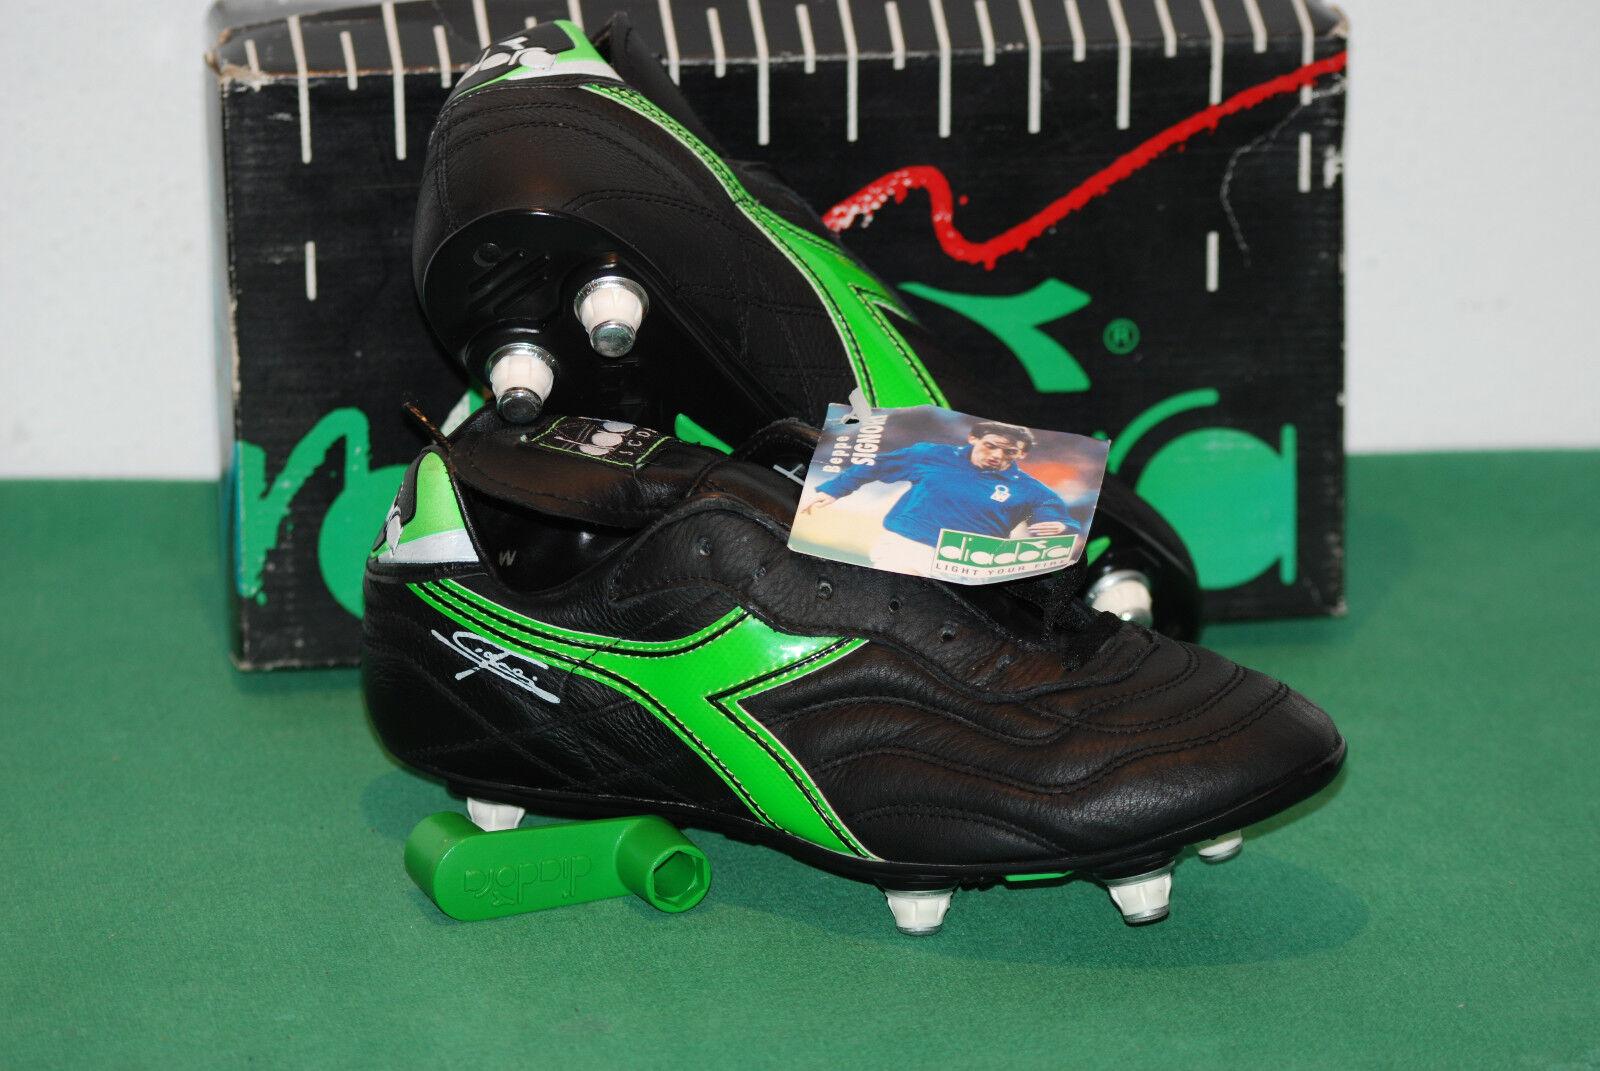 Vintage diadora BEPPE SIGNORI SCORER SC football botas double action 90